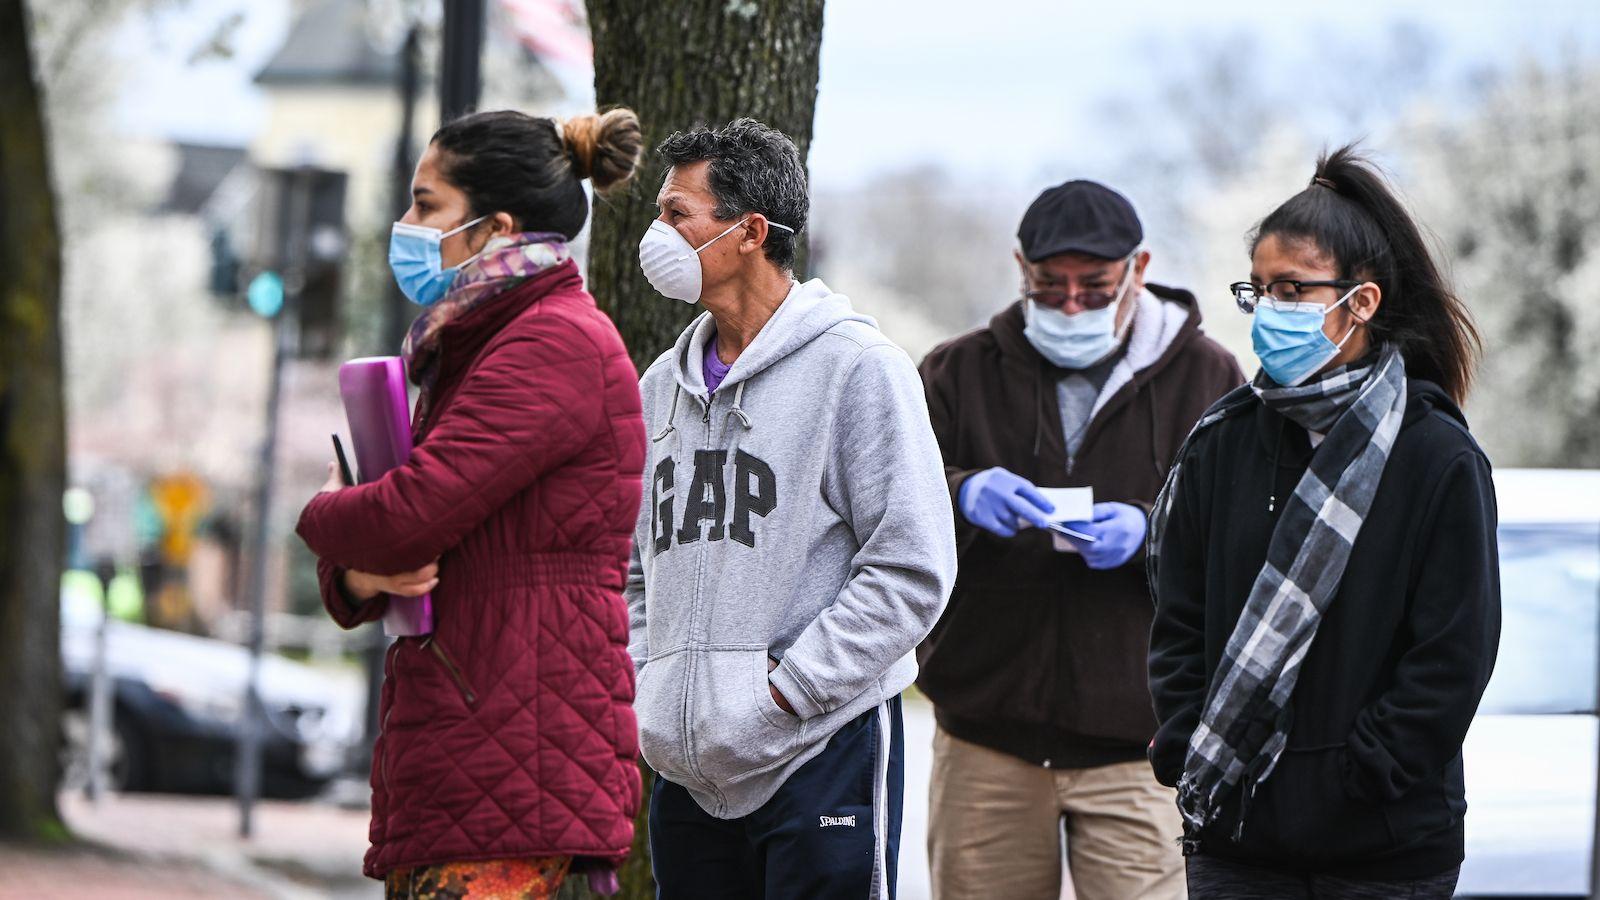 マスク 日本 海外の反応 海外「みんなマスクしてる」「きれいな街だ」コロナ禍の夜の渋谷を...